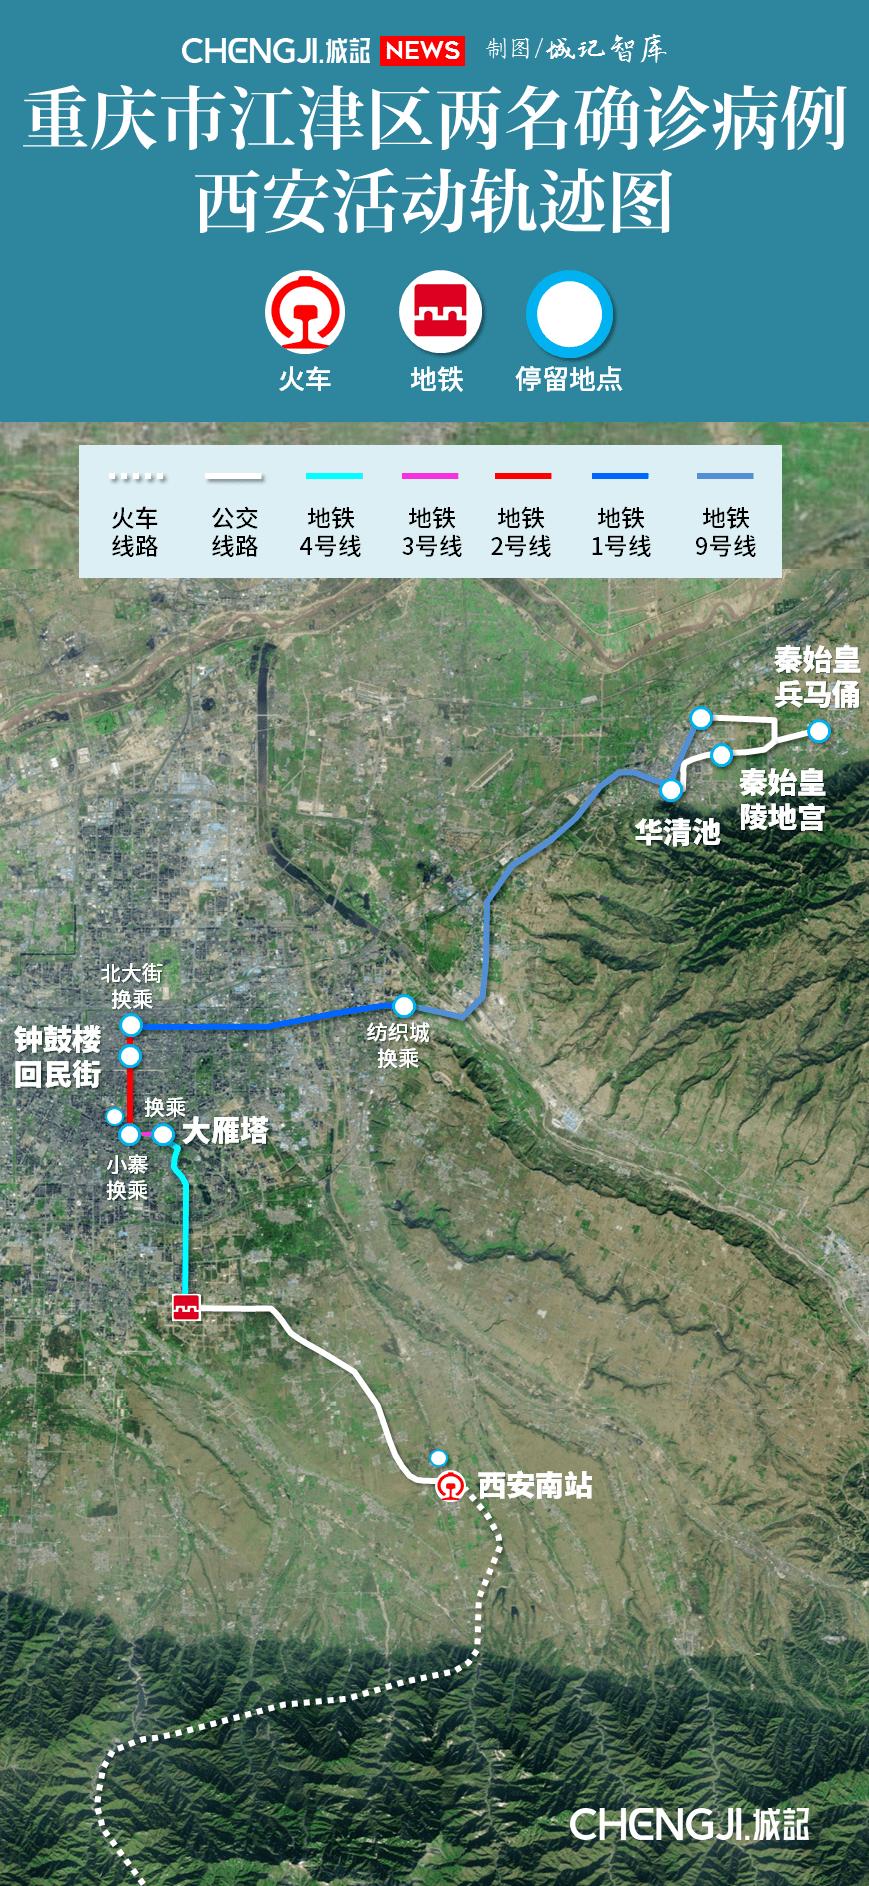 重庆确诊病例西安轨迹图:跨越大半座城,西安市民请注意!